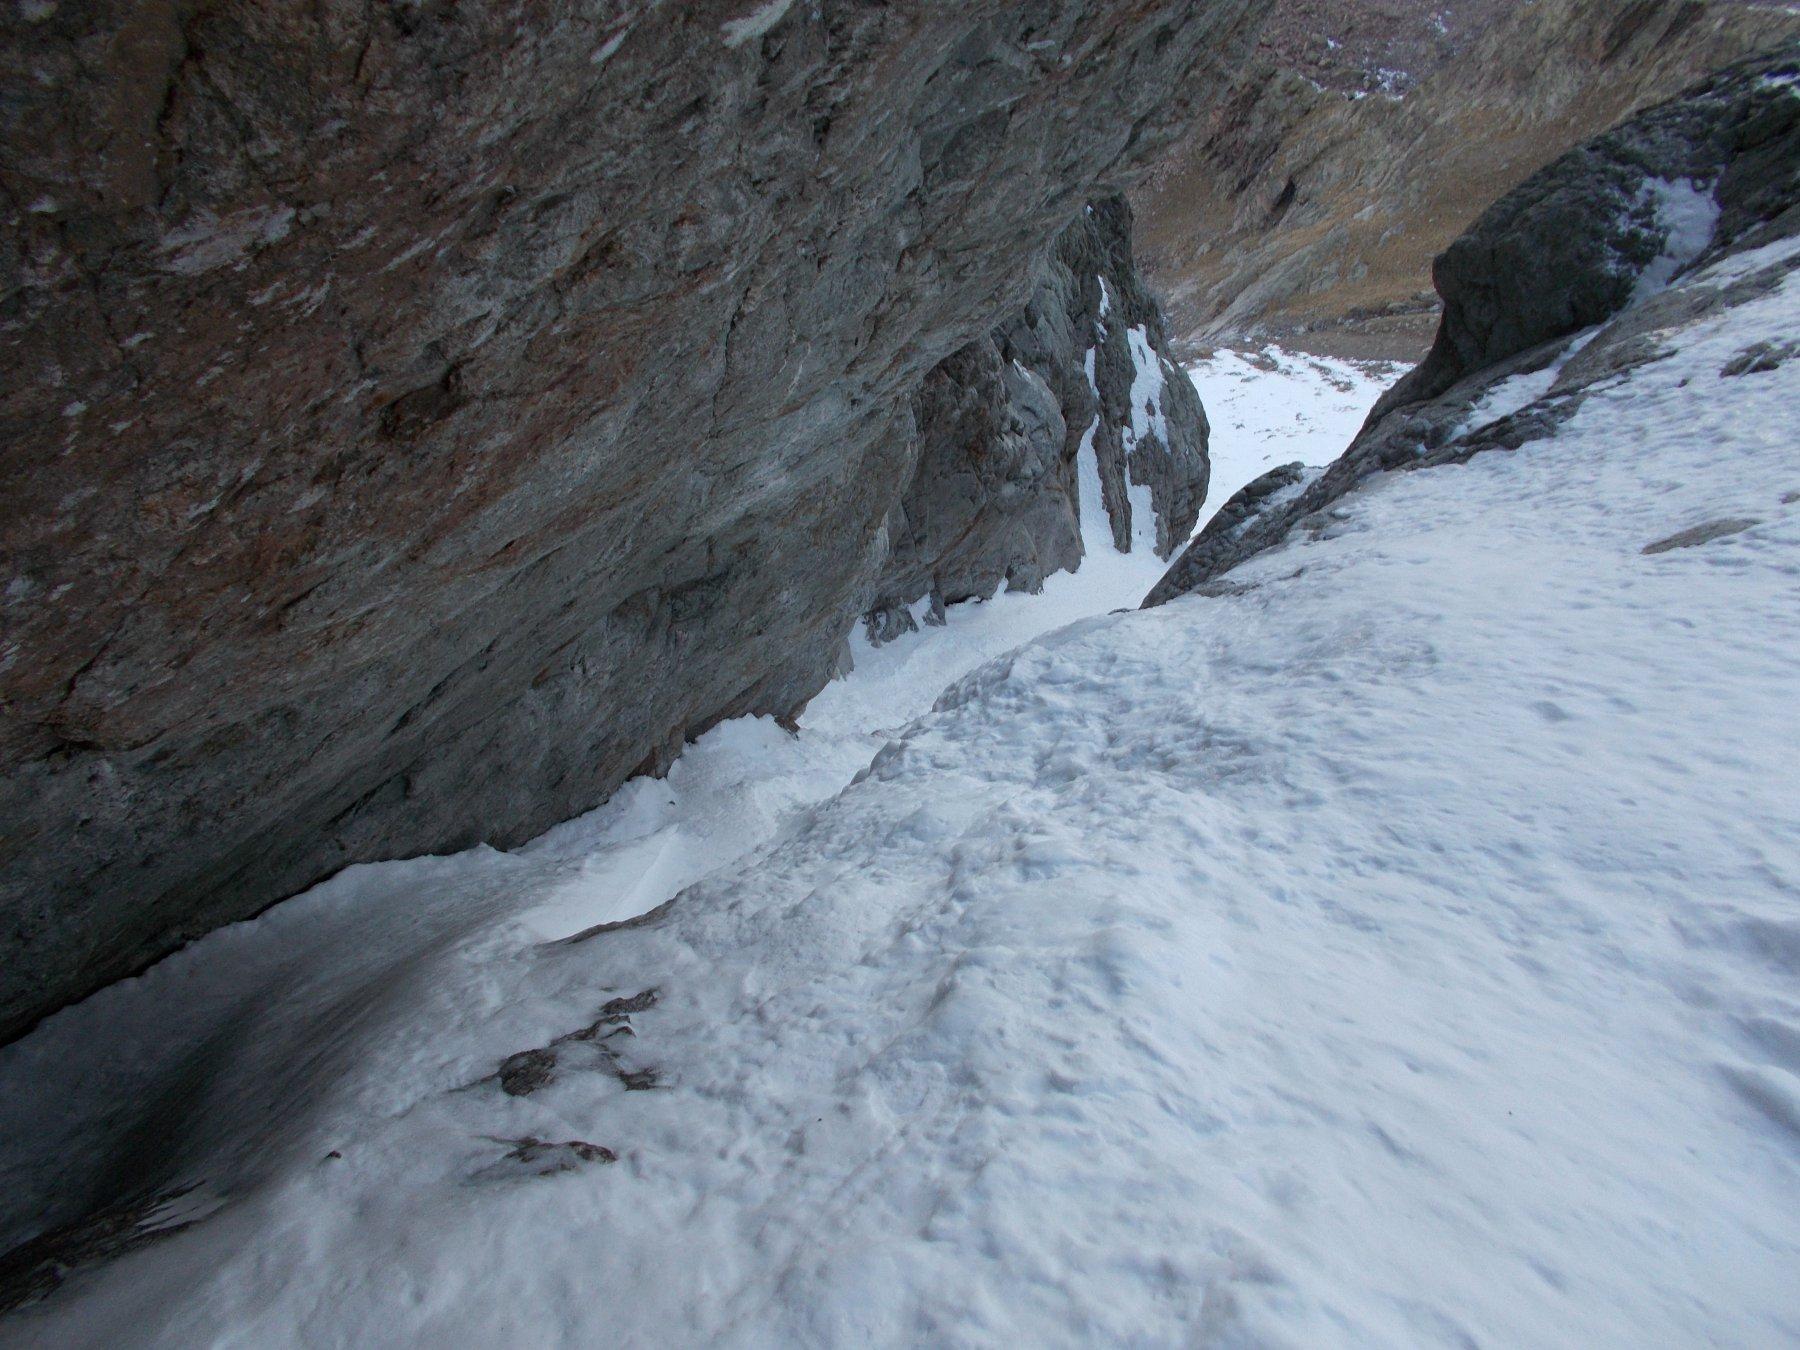 dove roccia e ghiaccio paiono darsi la mano..